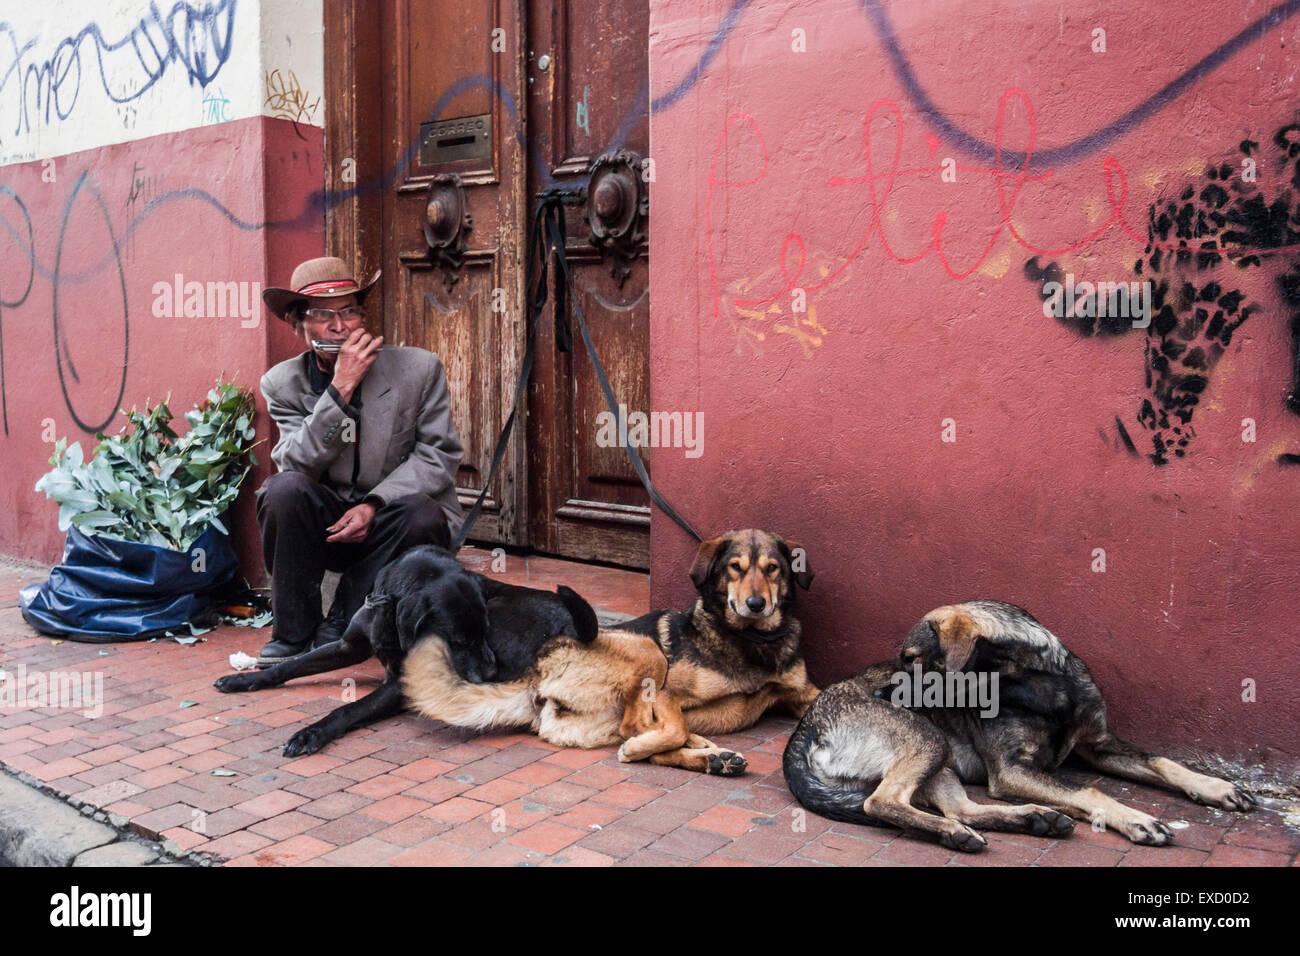 Un músico de la calle y sus perros en la Candelaria, distrito de Bogotá, Colombia. Imagen De Stock